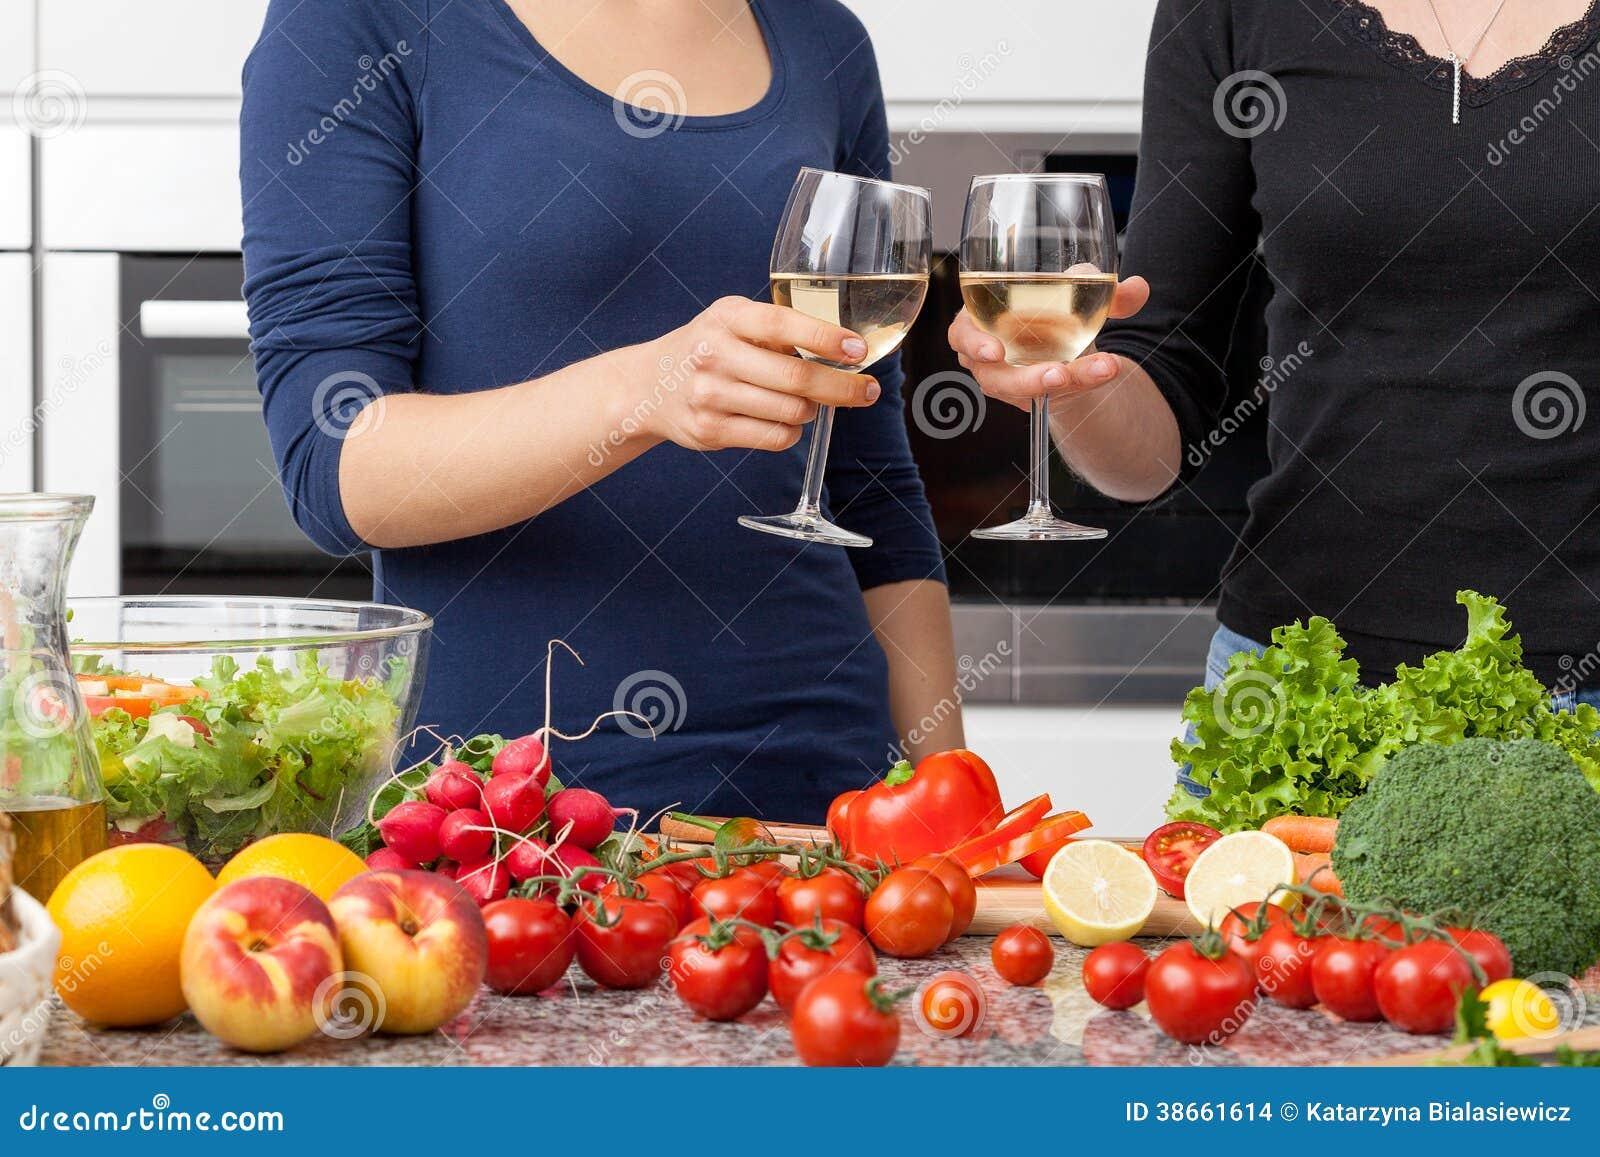 Lesbienne dans la cuisine images stock image 38661614 - Lesbienne dans la cuisine ...